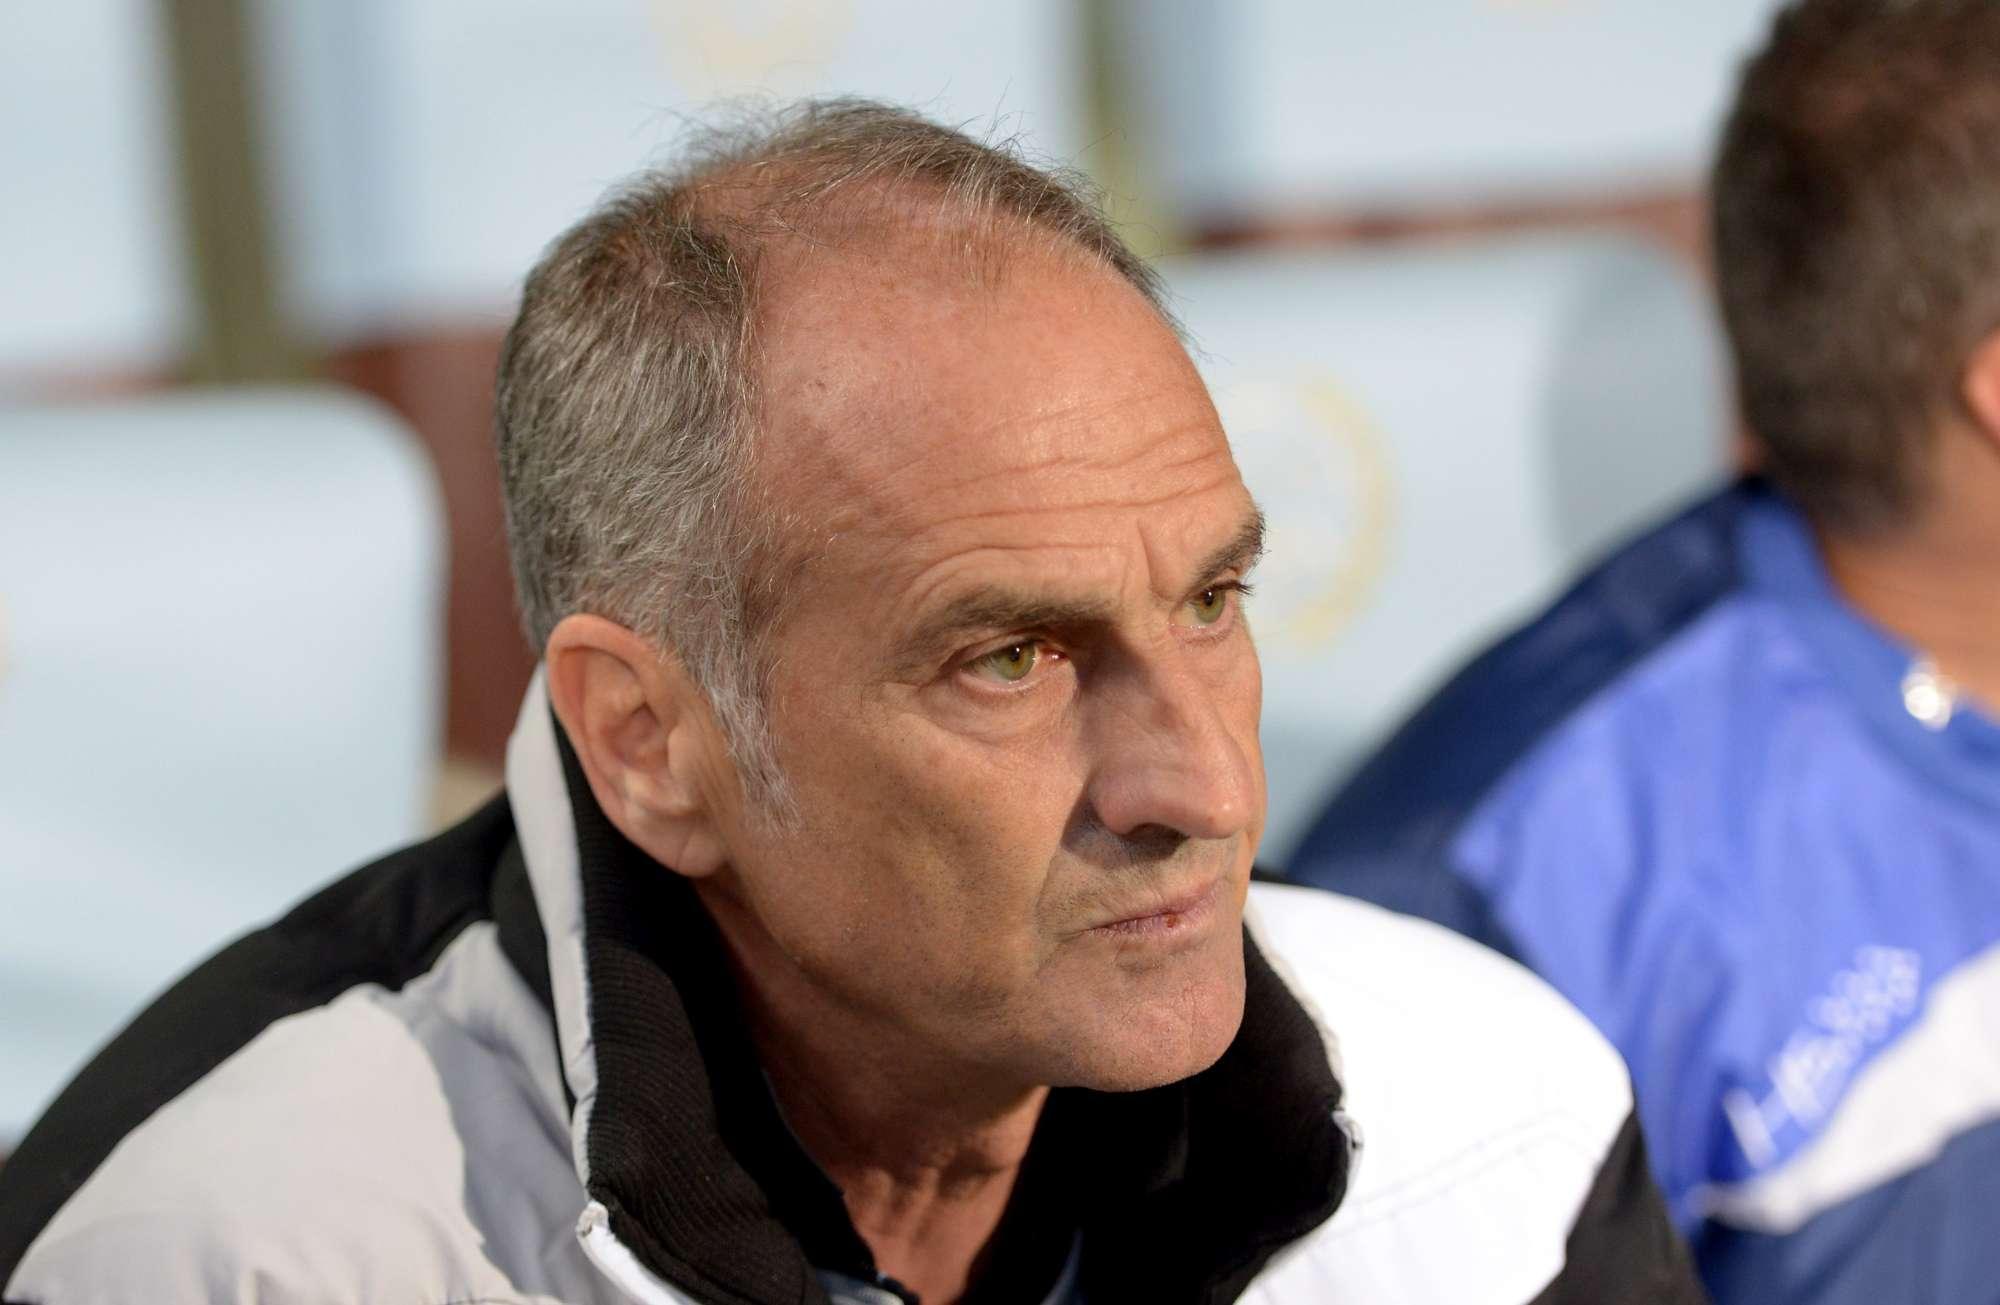 Francesco Guidolin siede sulla panchina dello Swansea dallo scorso 18 gennaio